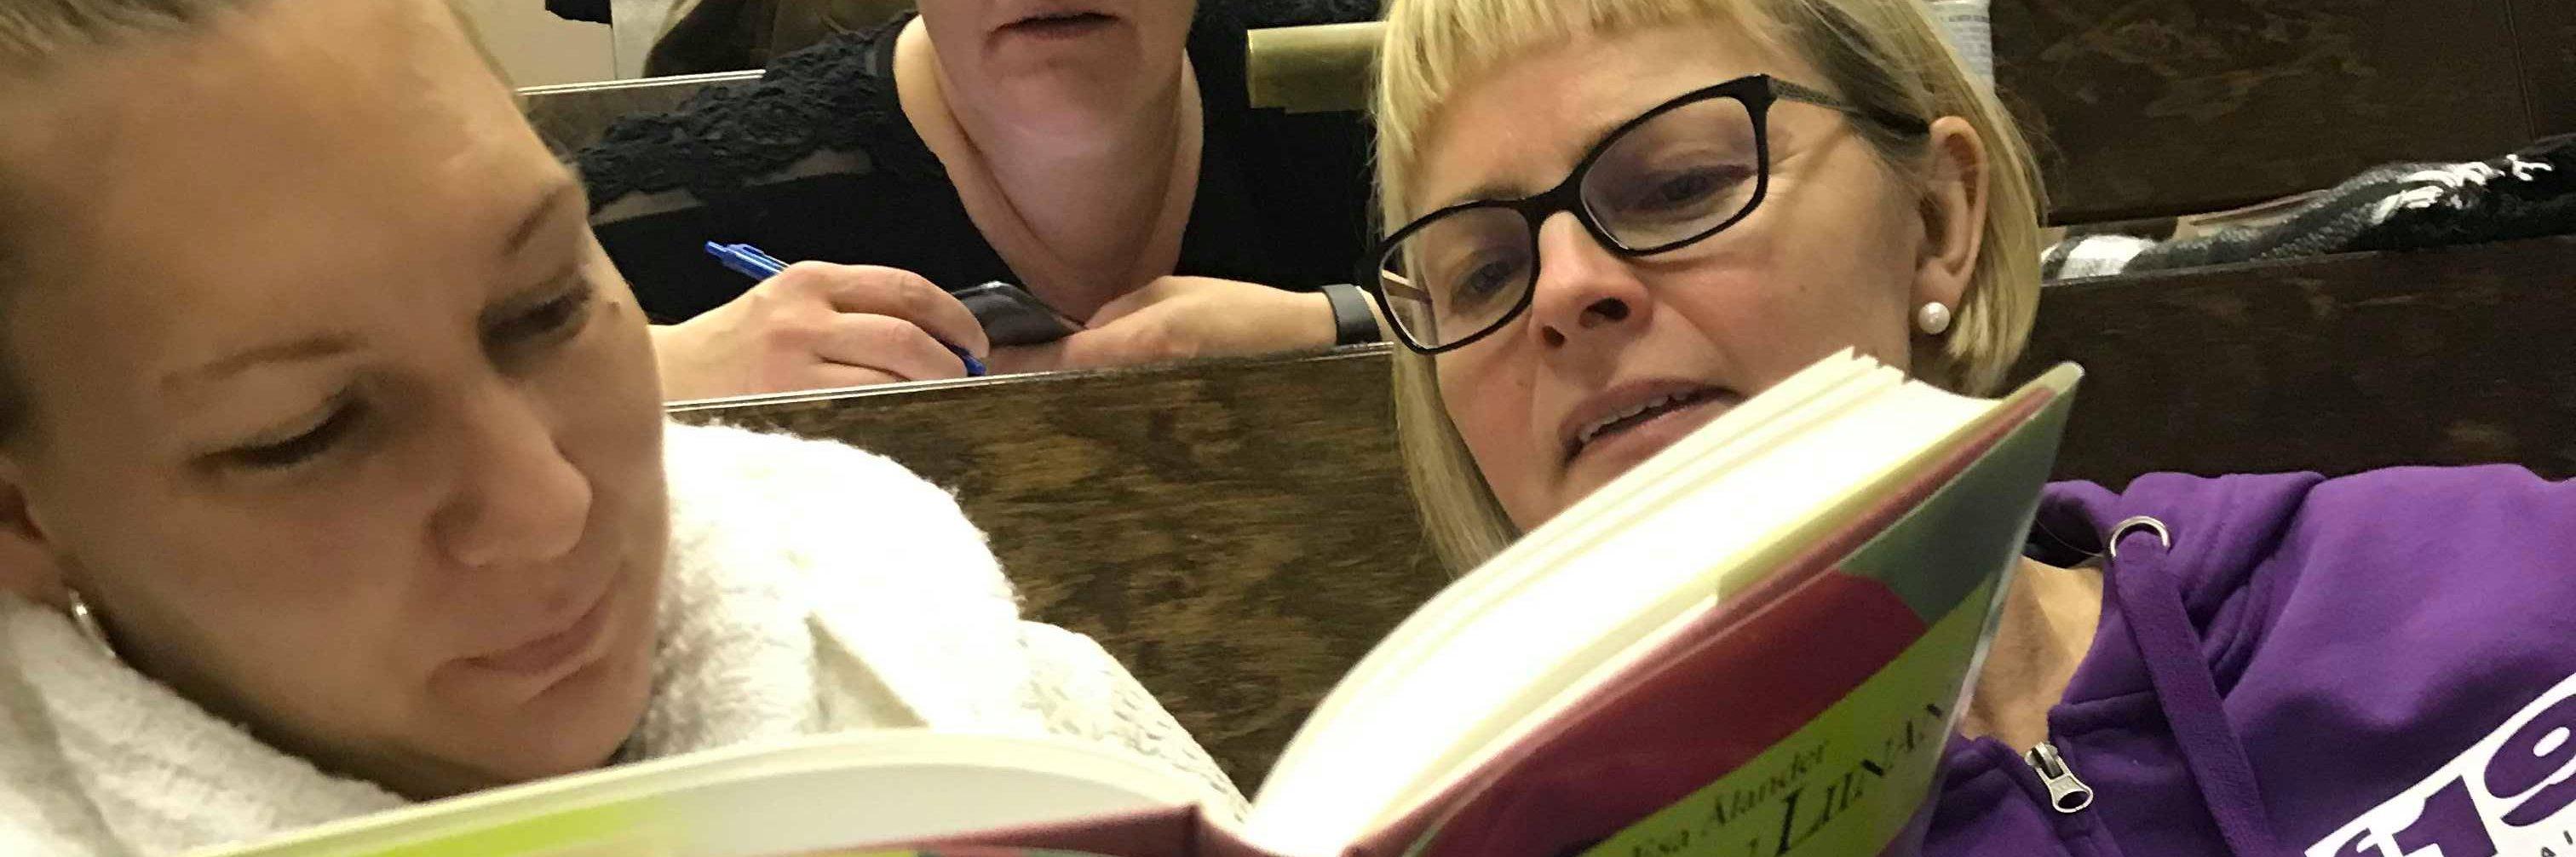 Kaksi henkilöä lukemassa Punaisen liinan lapset -kirjaa.